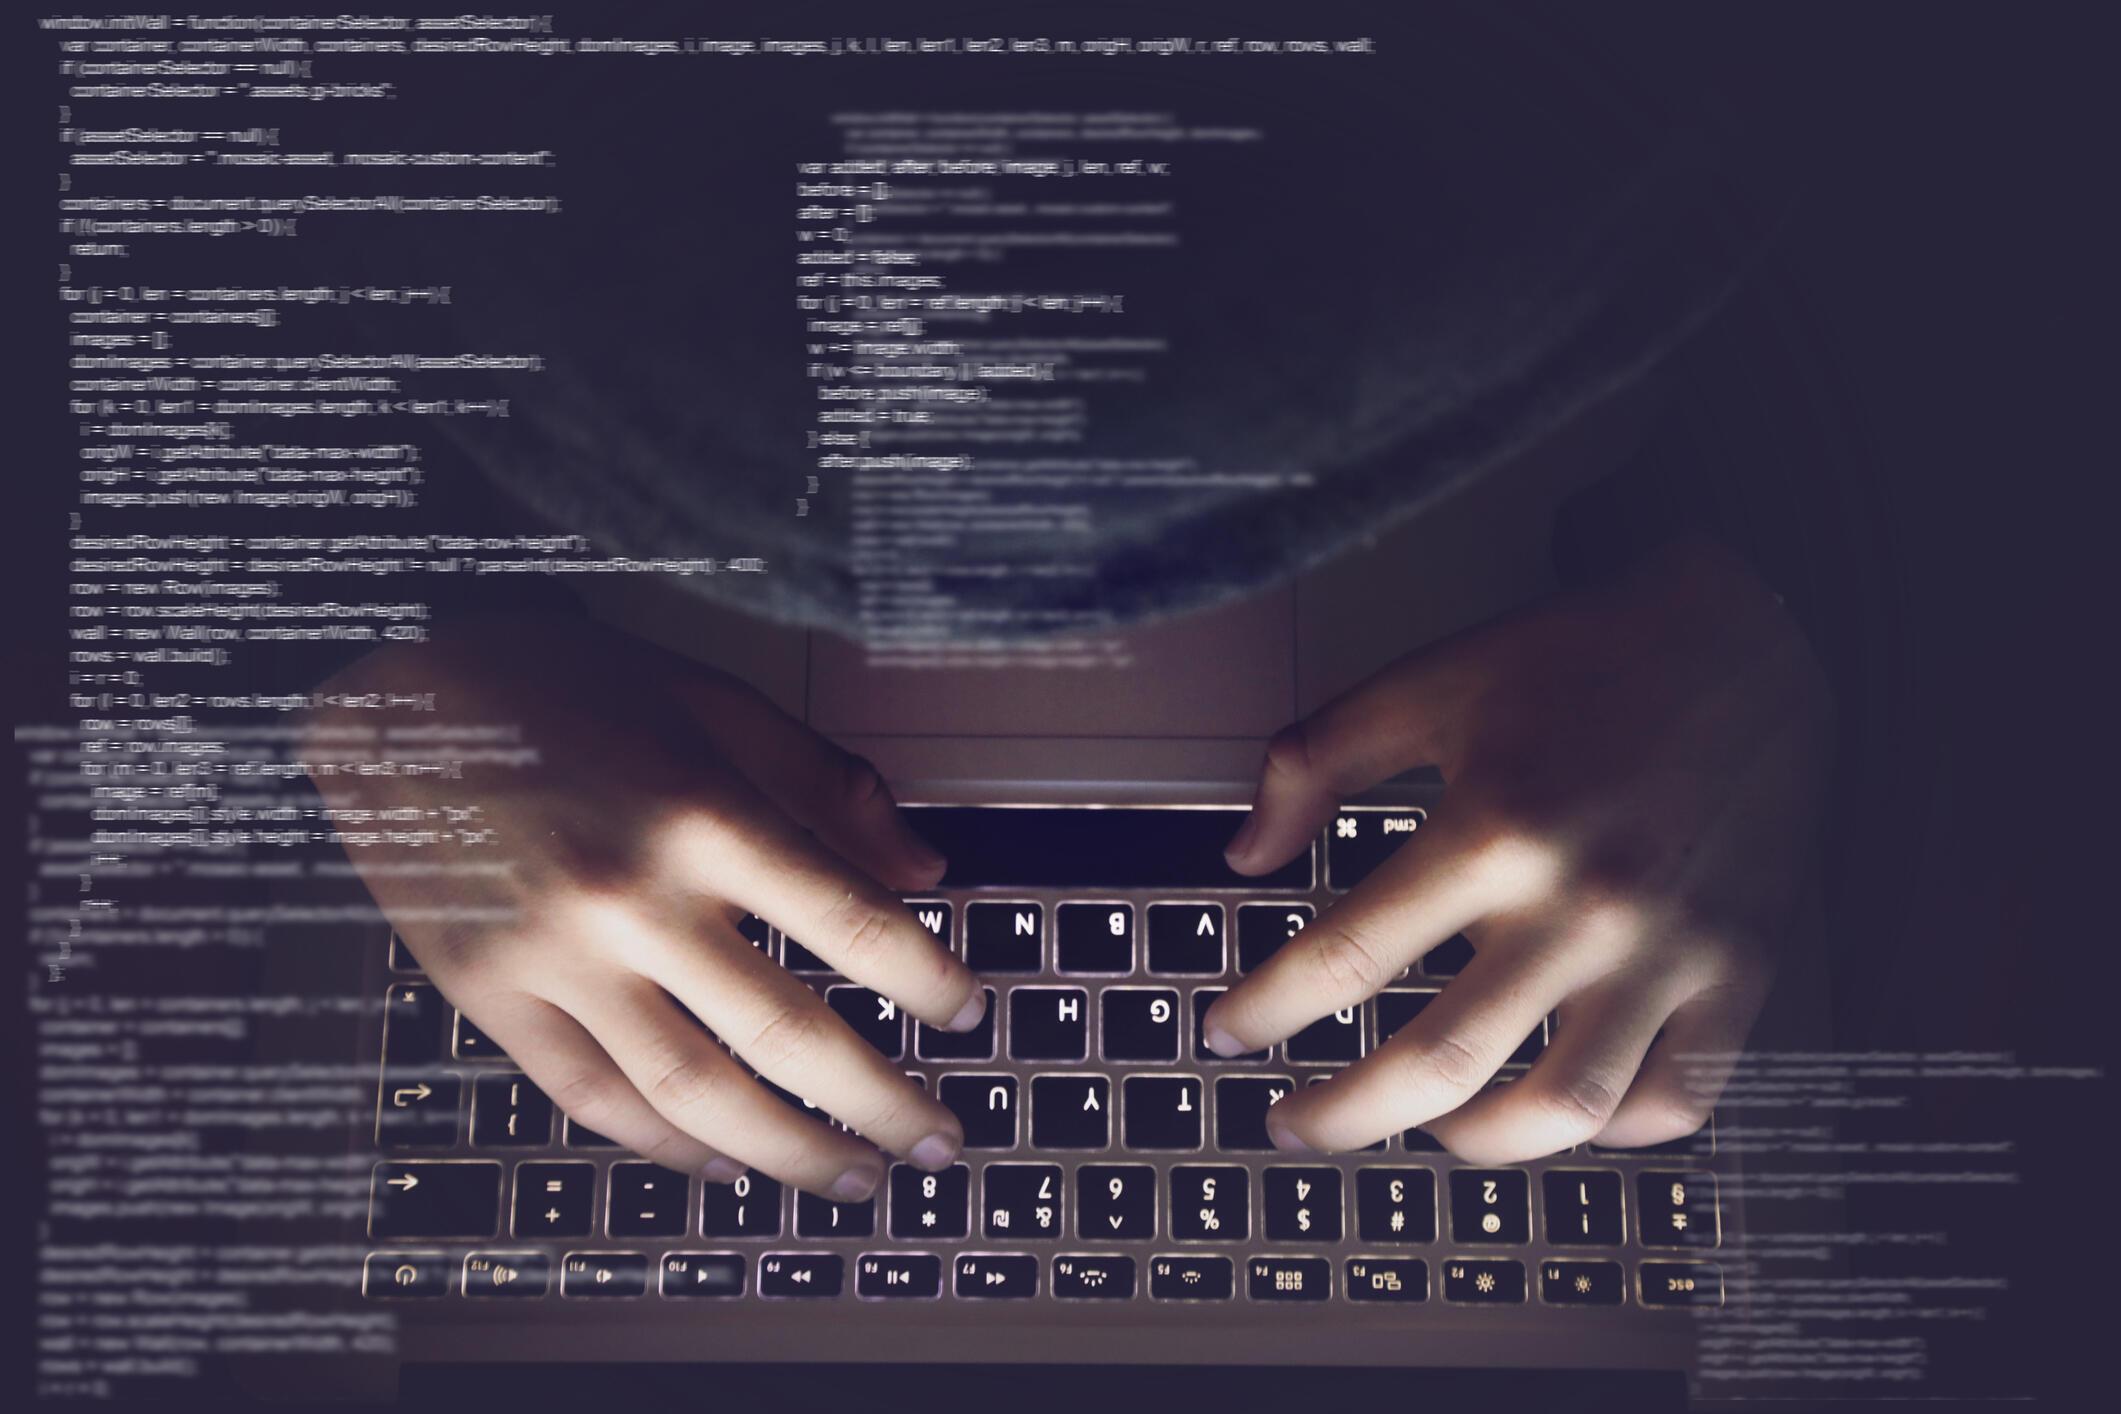 Тбилиси, Лондон и Вашингтон обвинили ГРУ в кибератаке на Грузию.